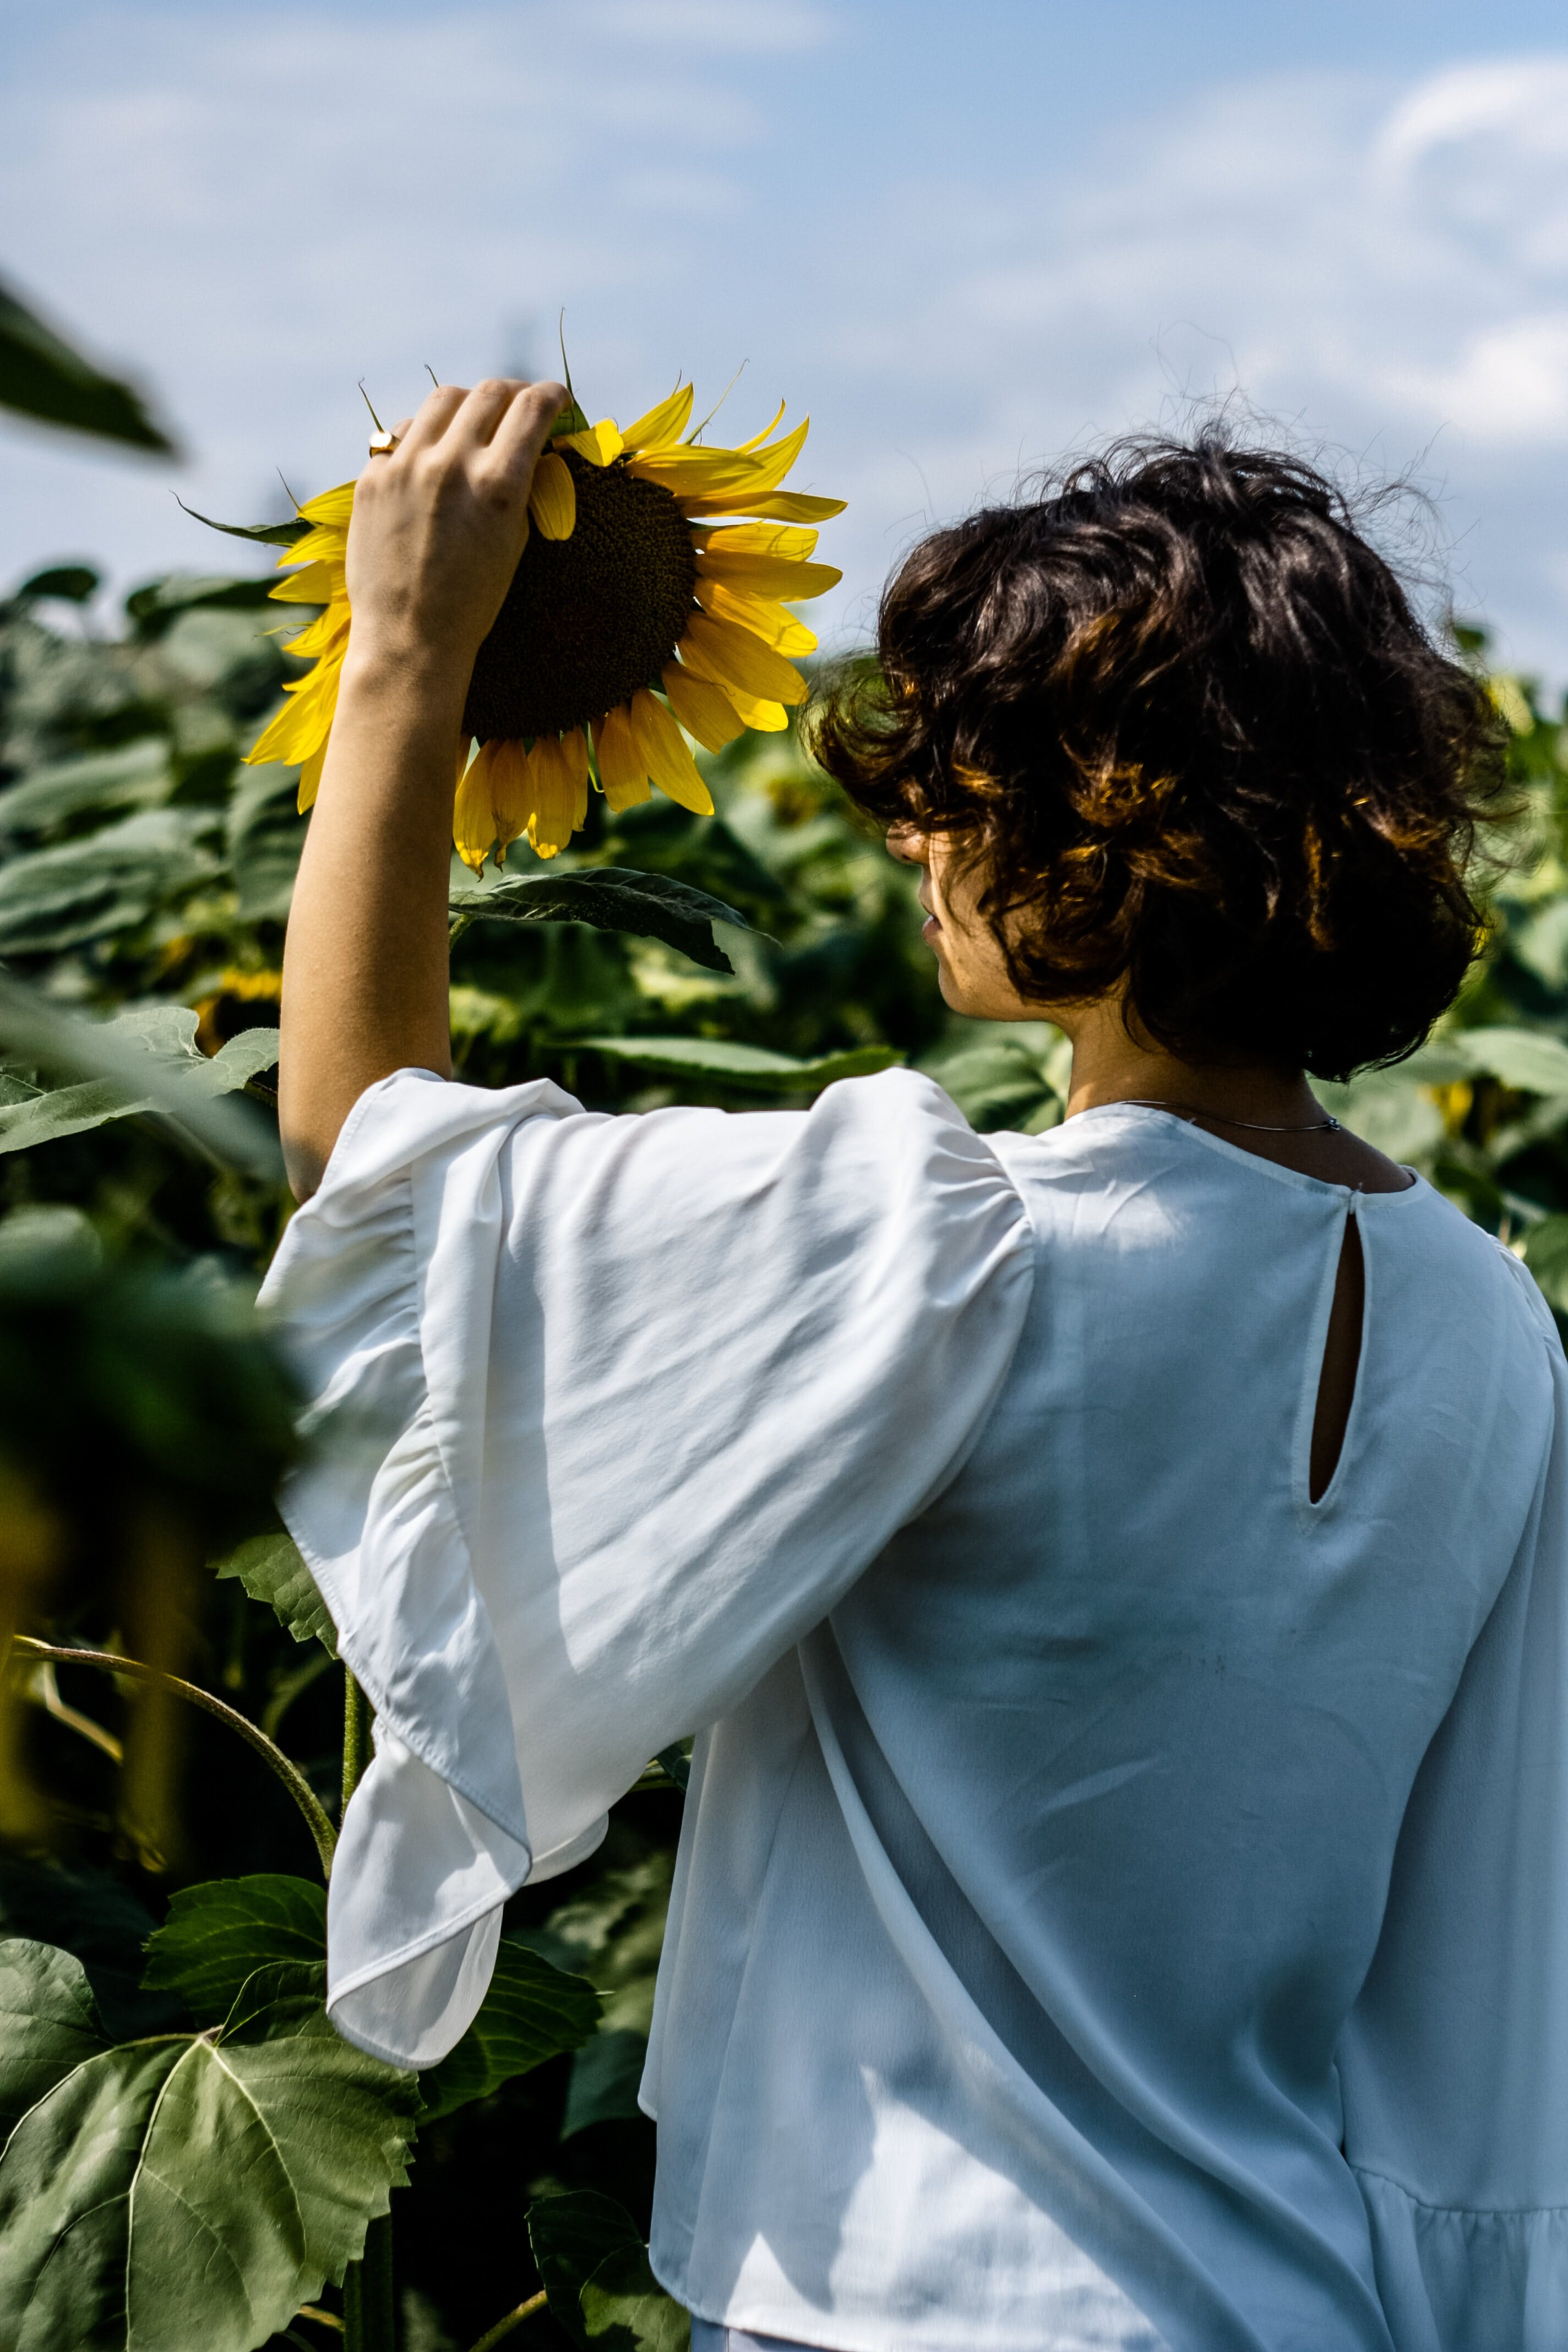 사람, 식물군, 여성, 해바라기의 무료 스톡 사진